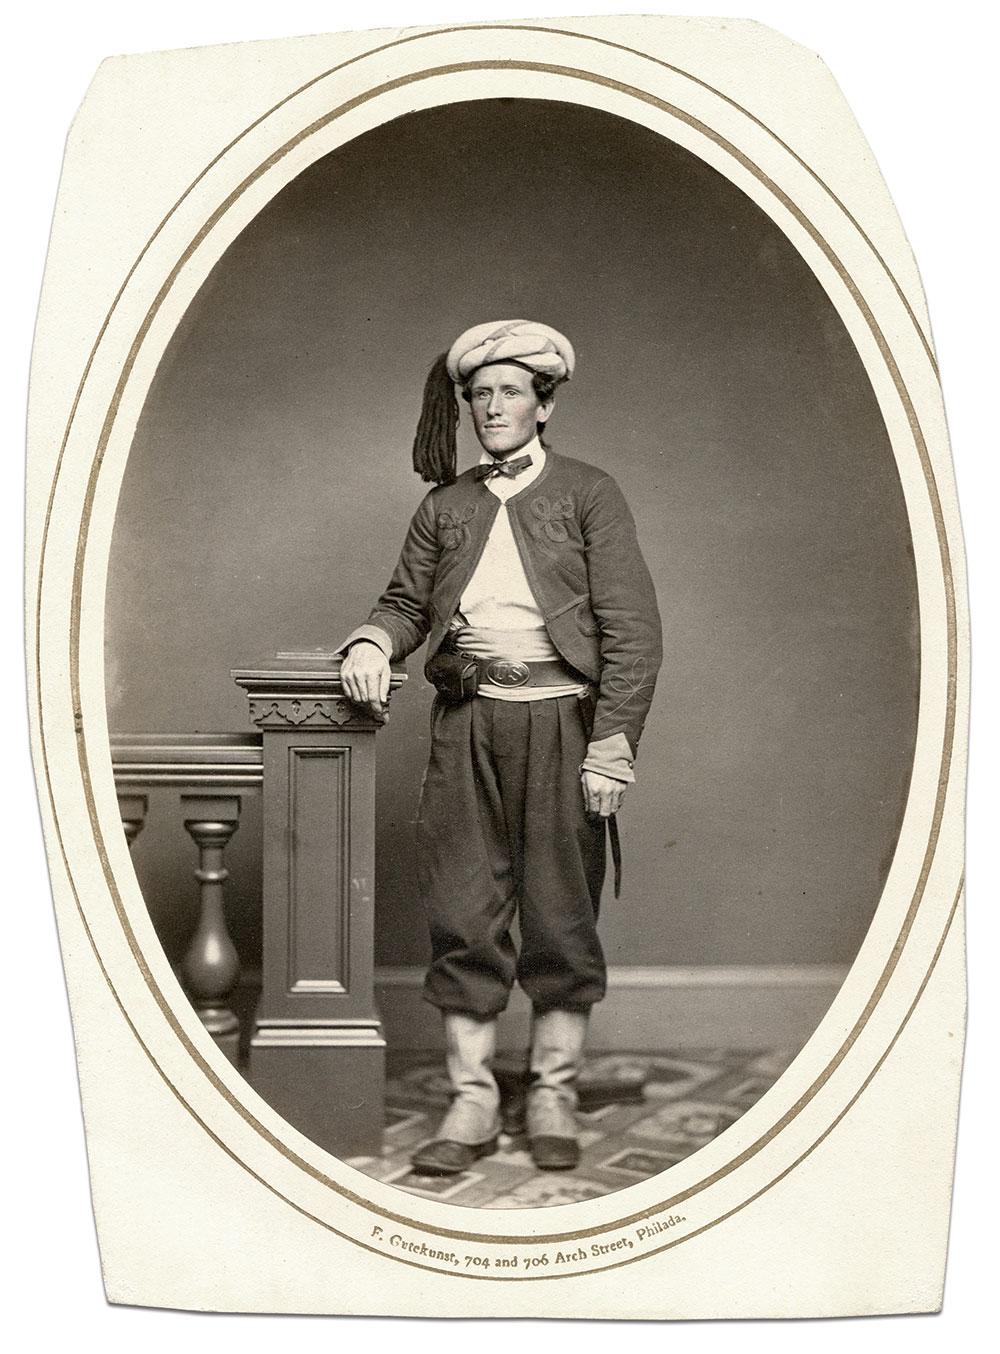 Albumen by Frederick Gutekunst of Philadelphia, Pa.